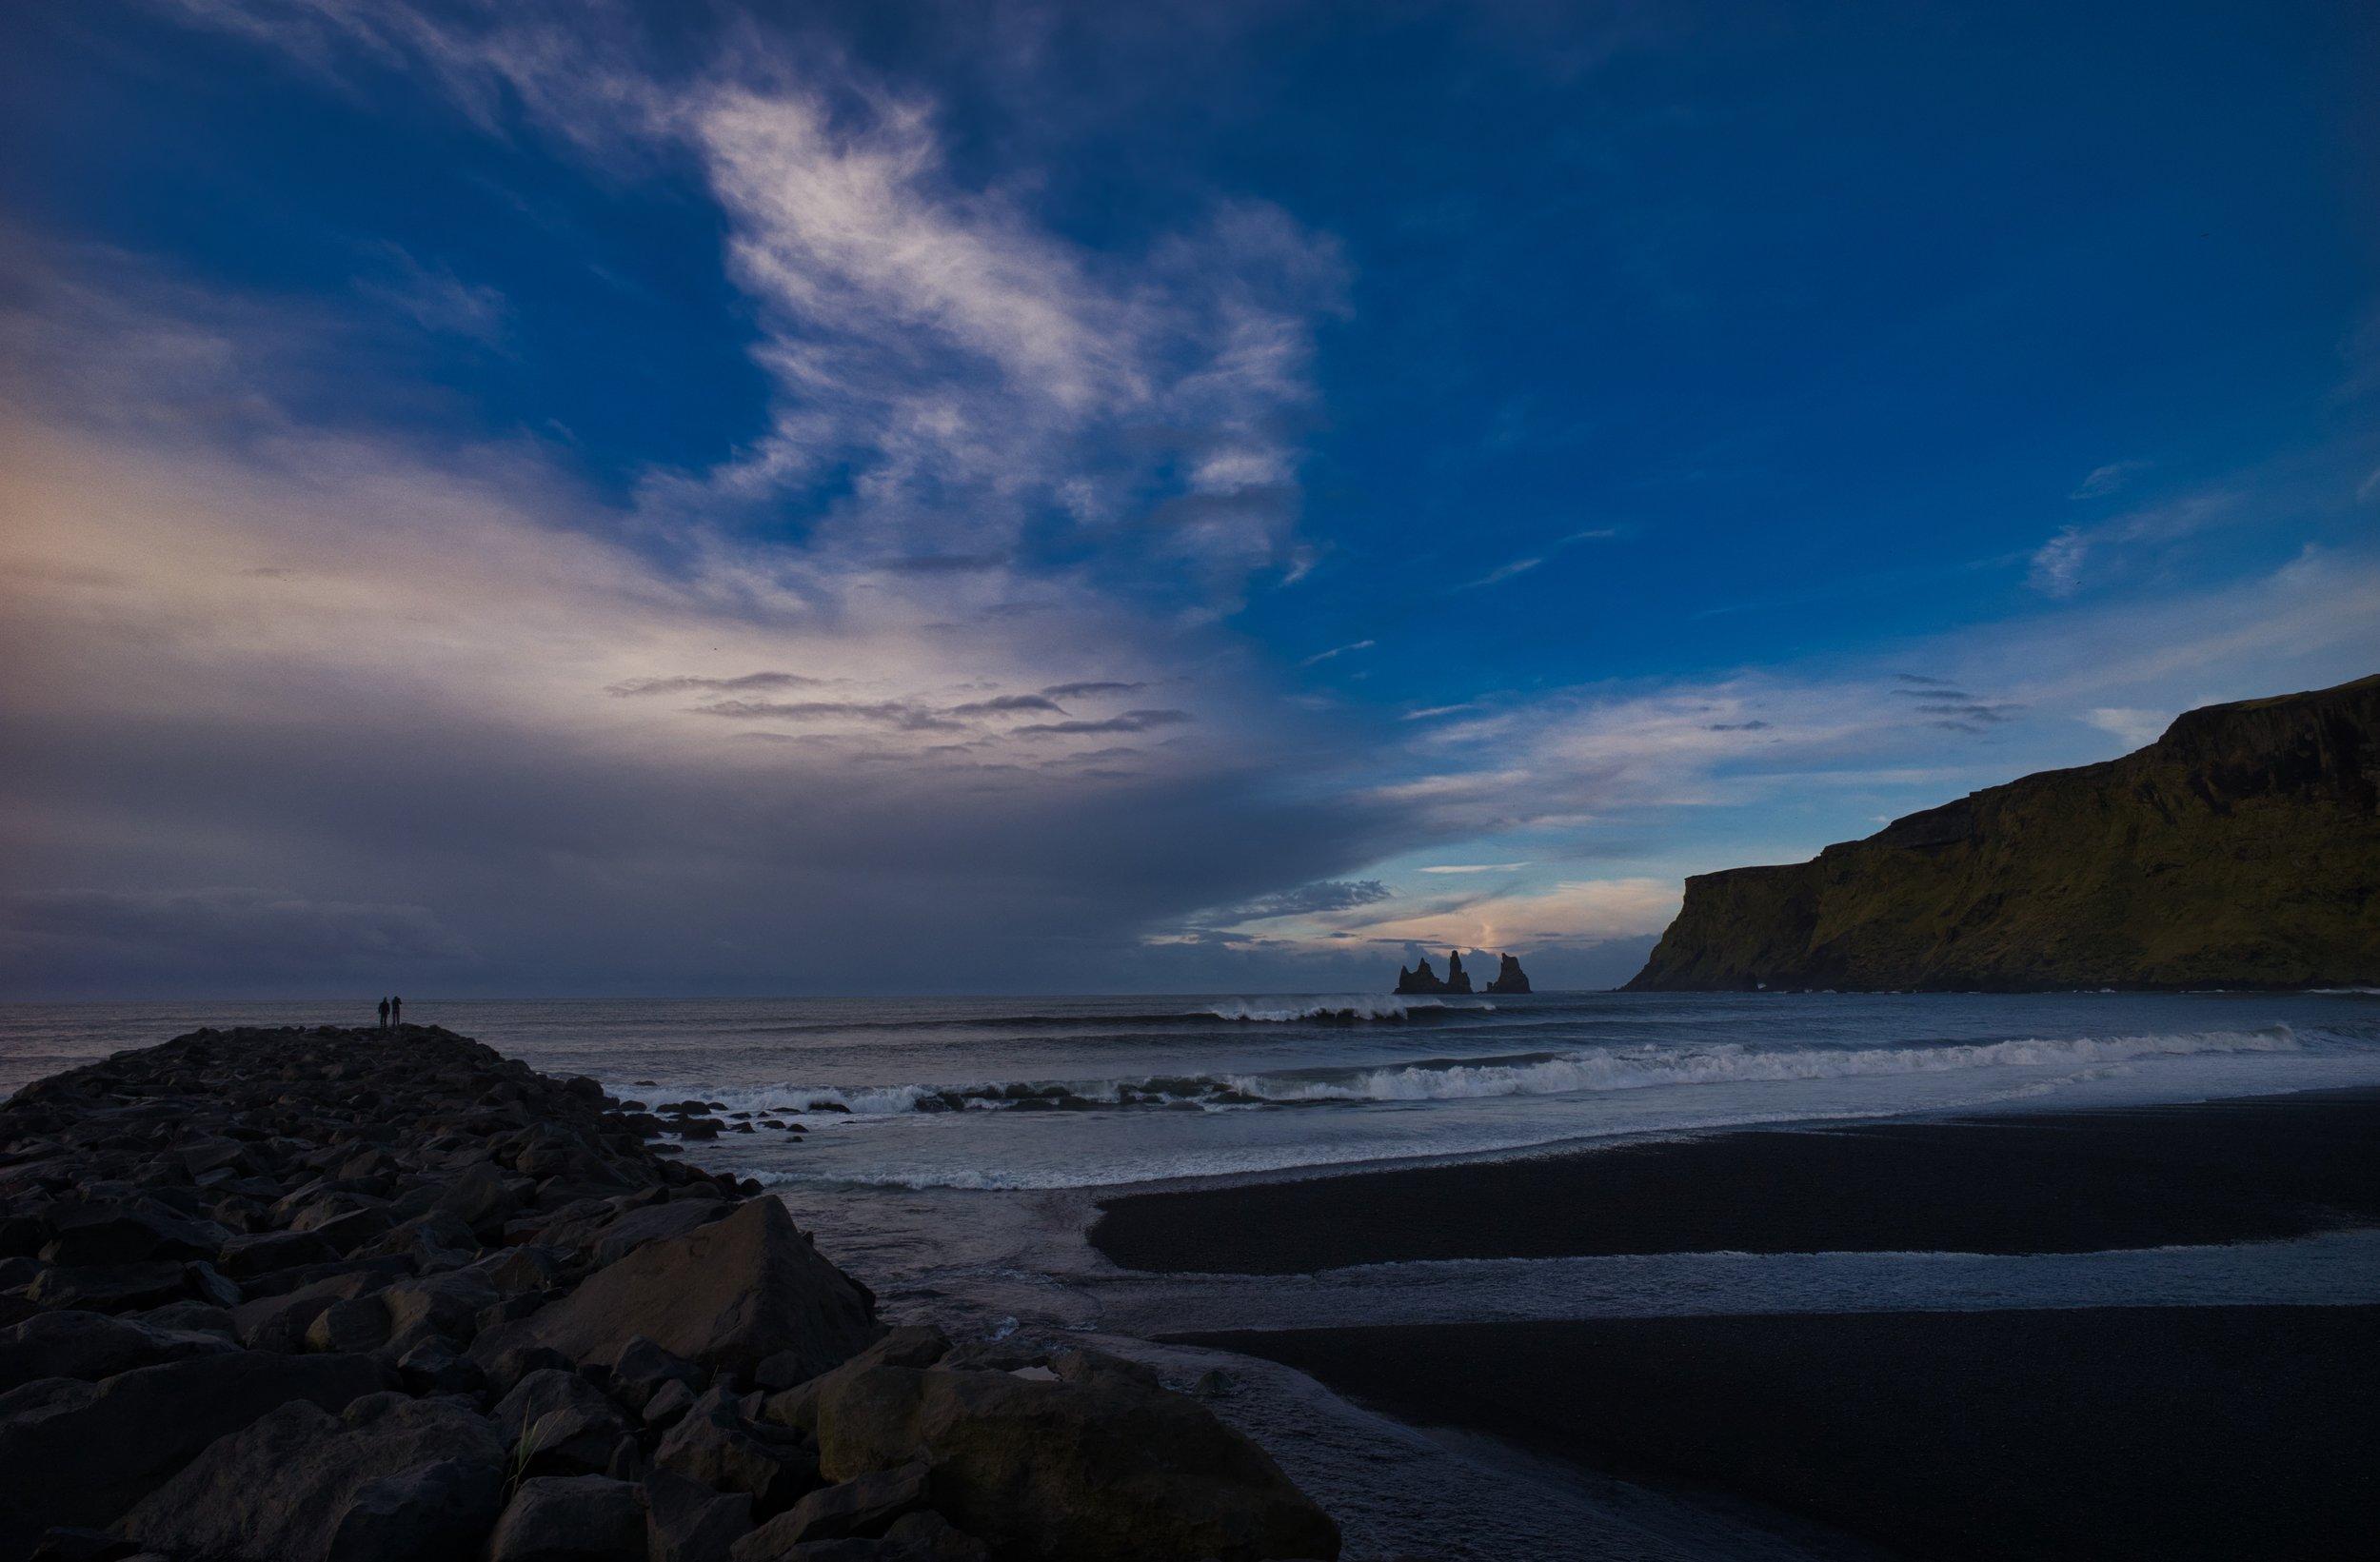 Two Vík, Iceland Leica SL 21mm f/3.4 Super Elmar © Keith R. Sbiral, 2018